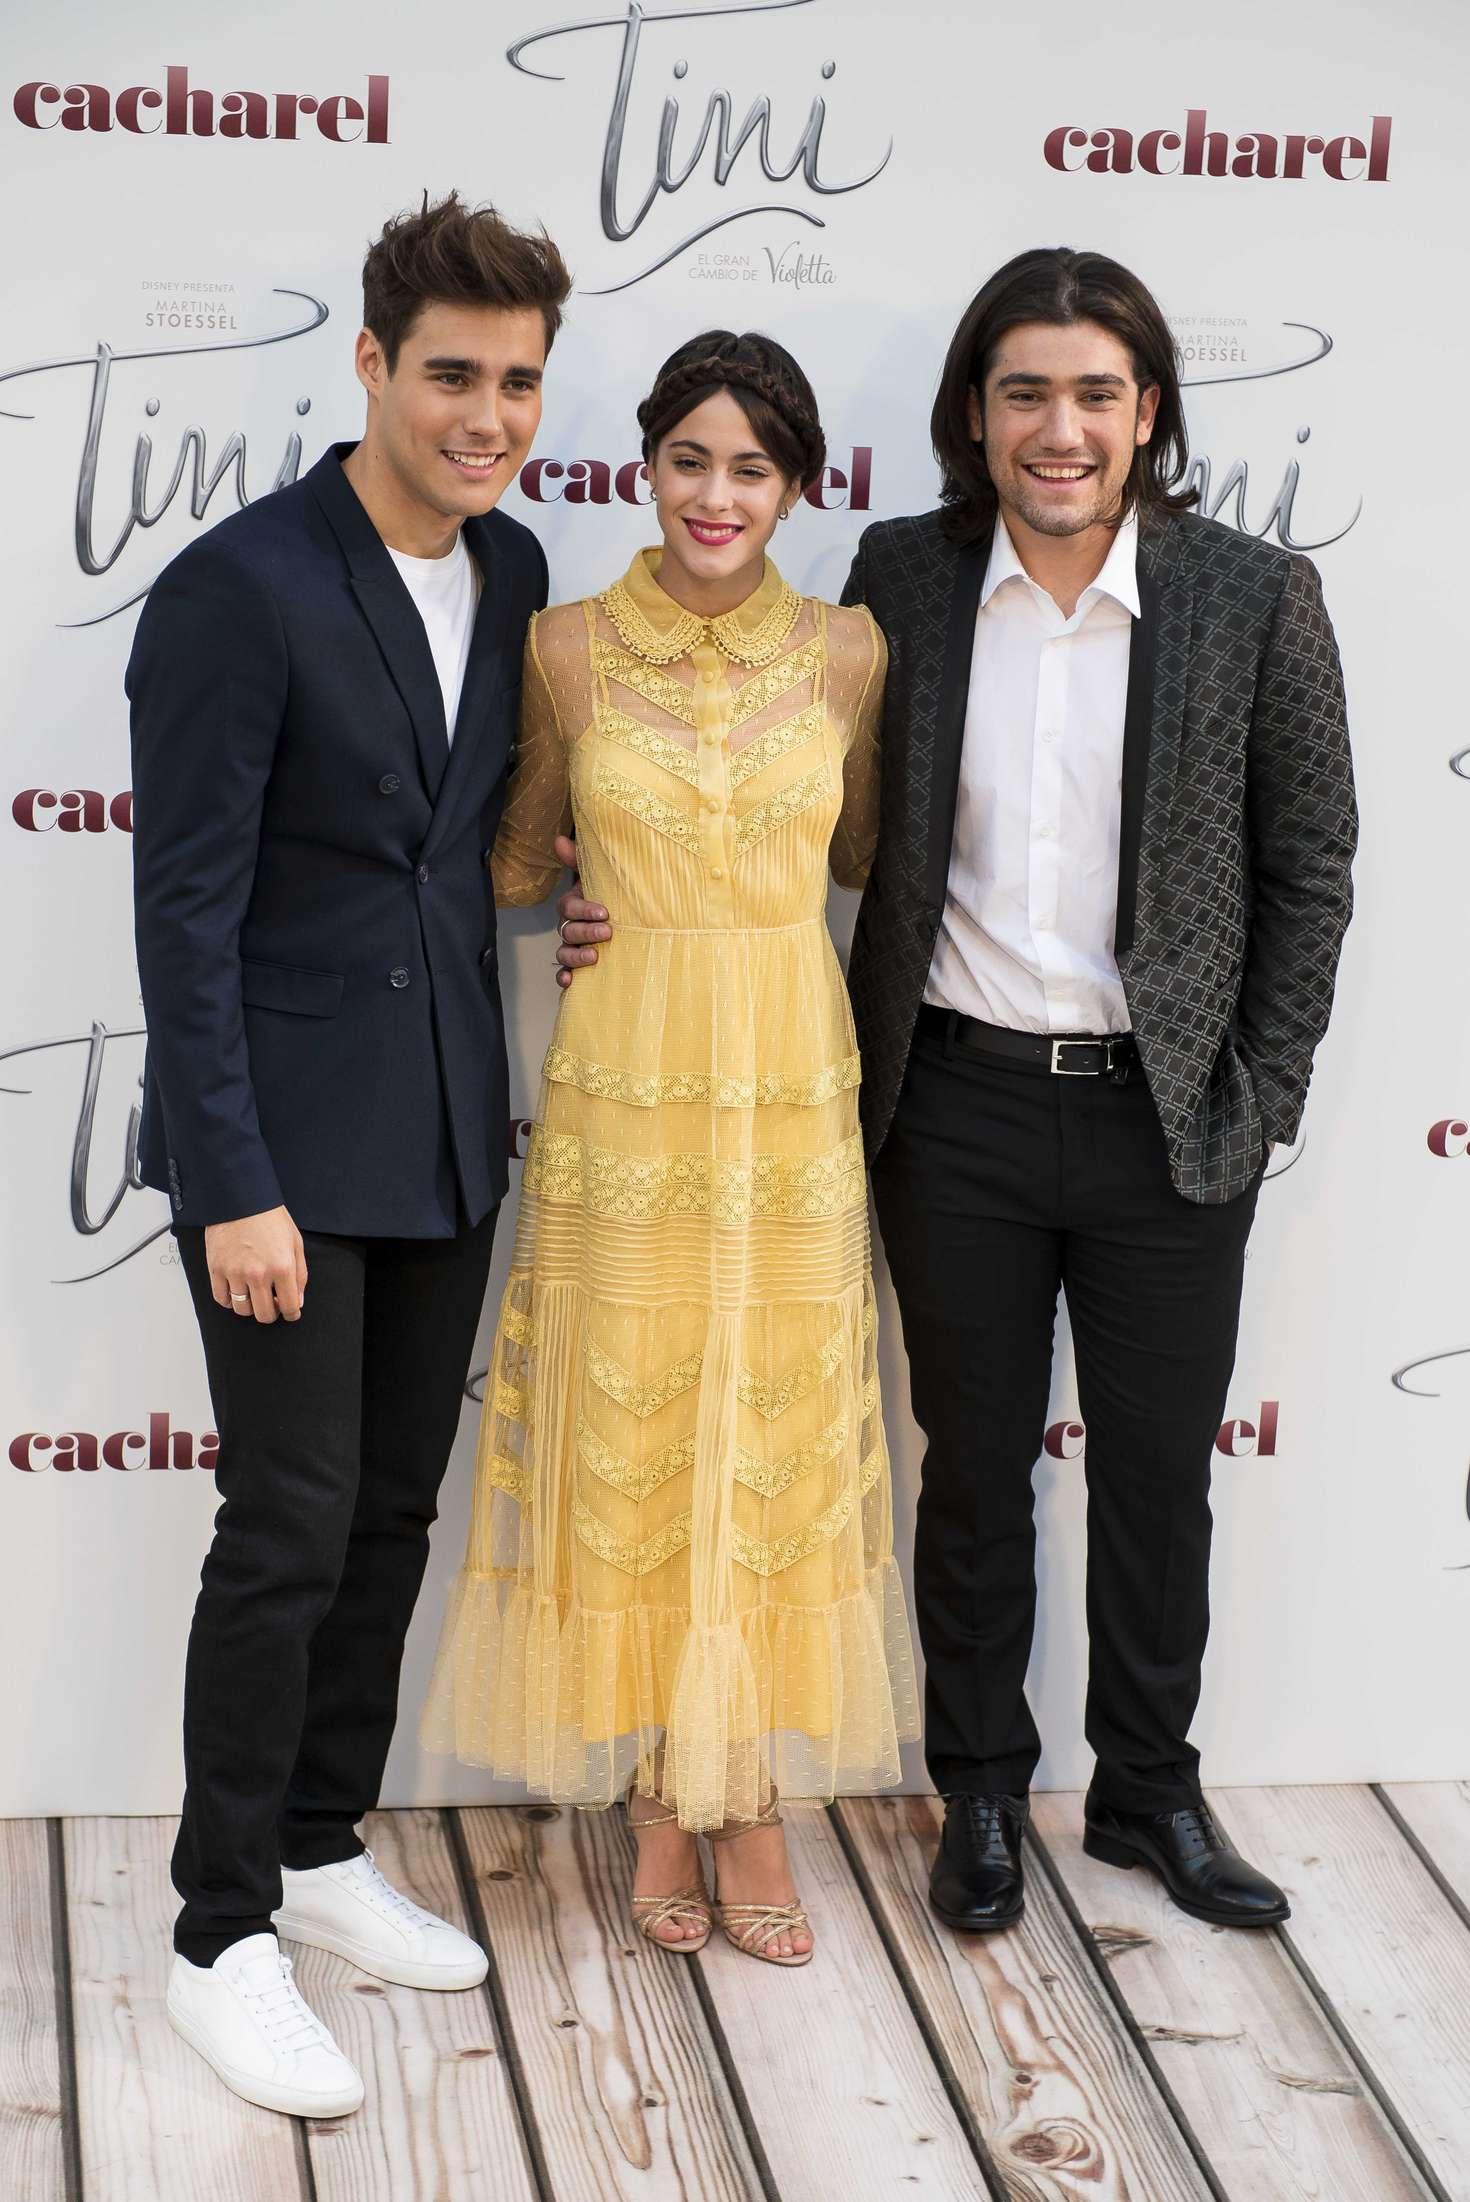 Martina Stoessel Tini El Gran Cambio De Violetta Premiere in Spain